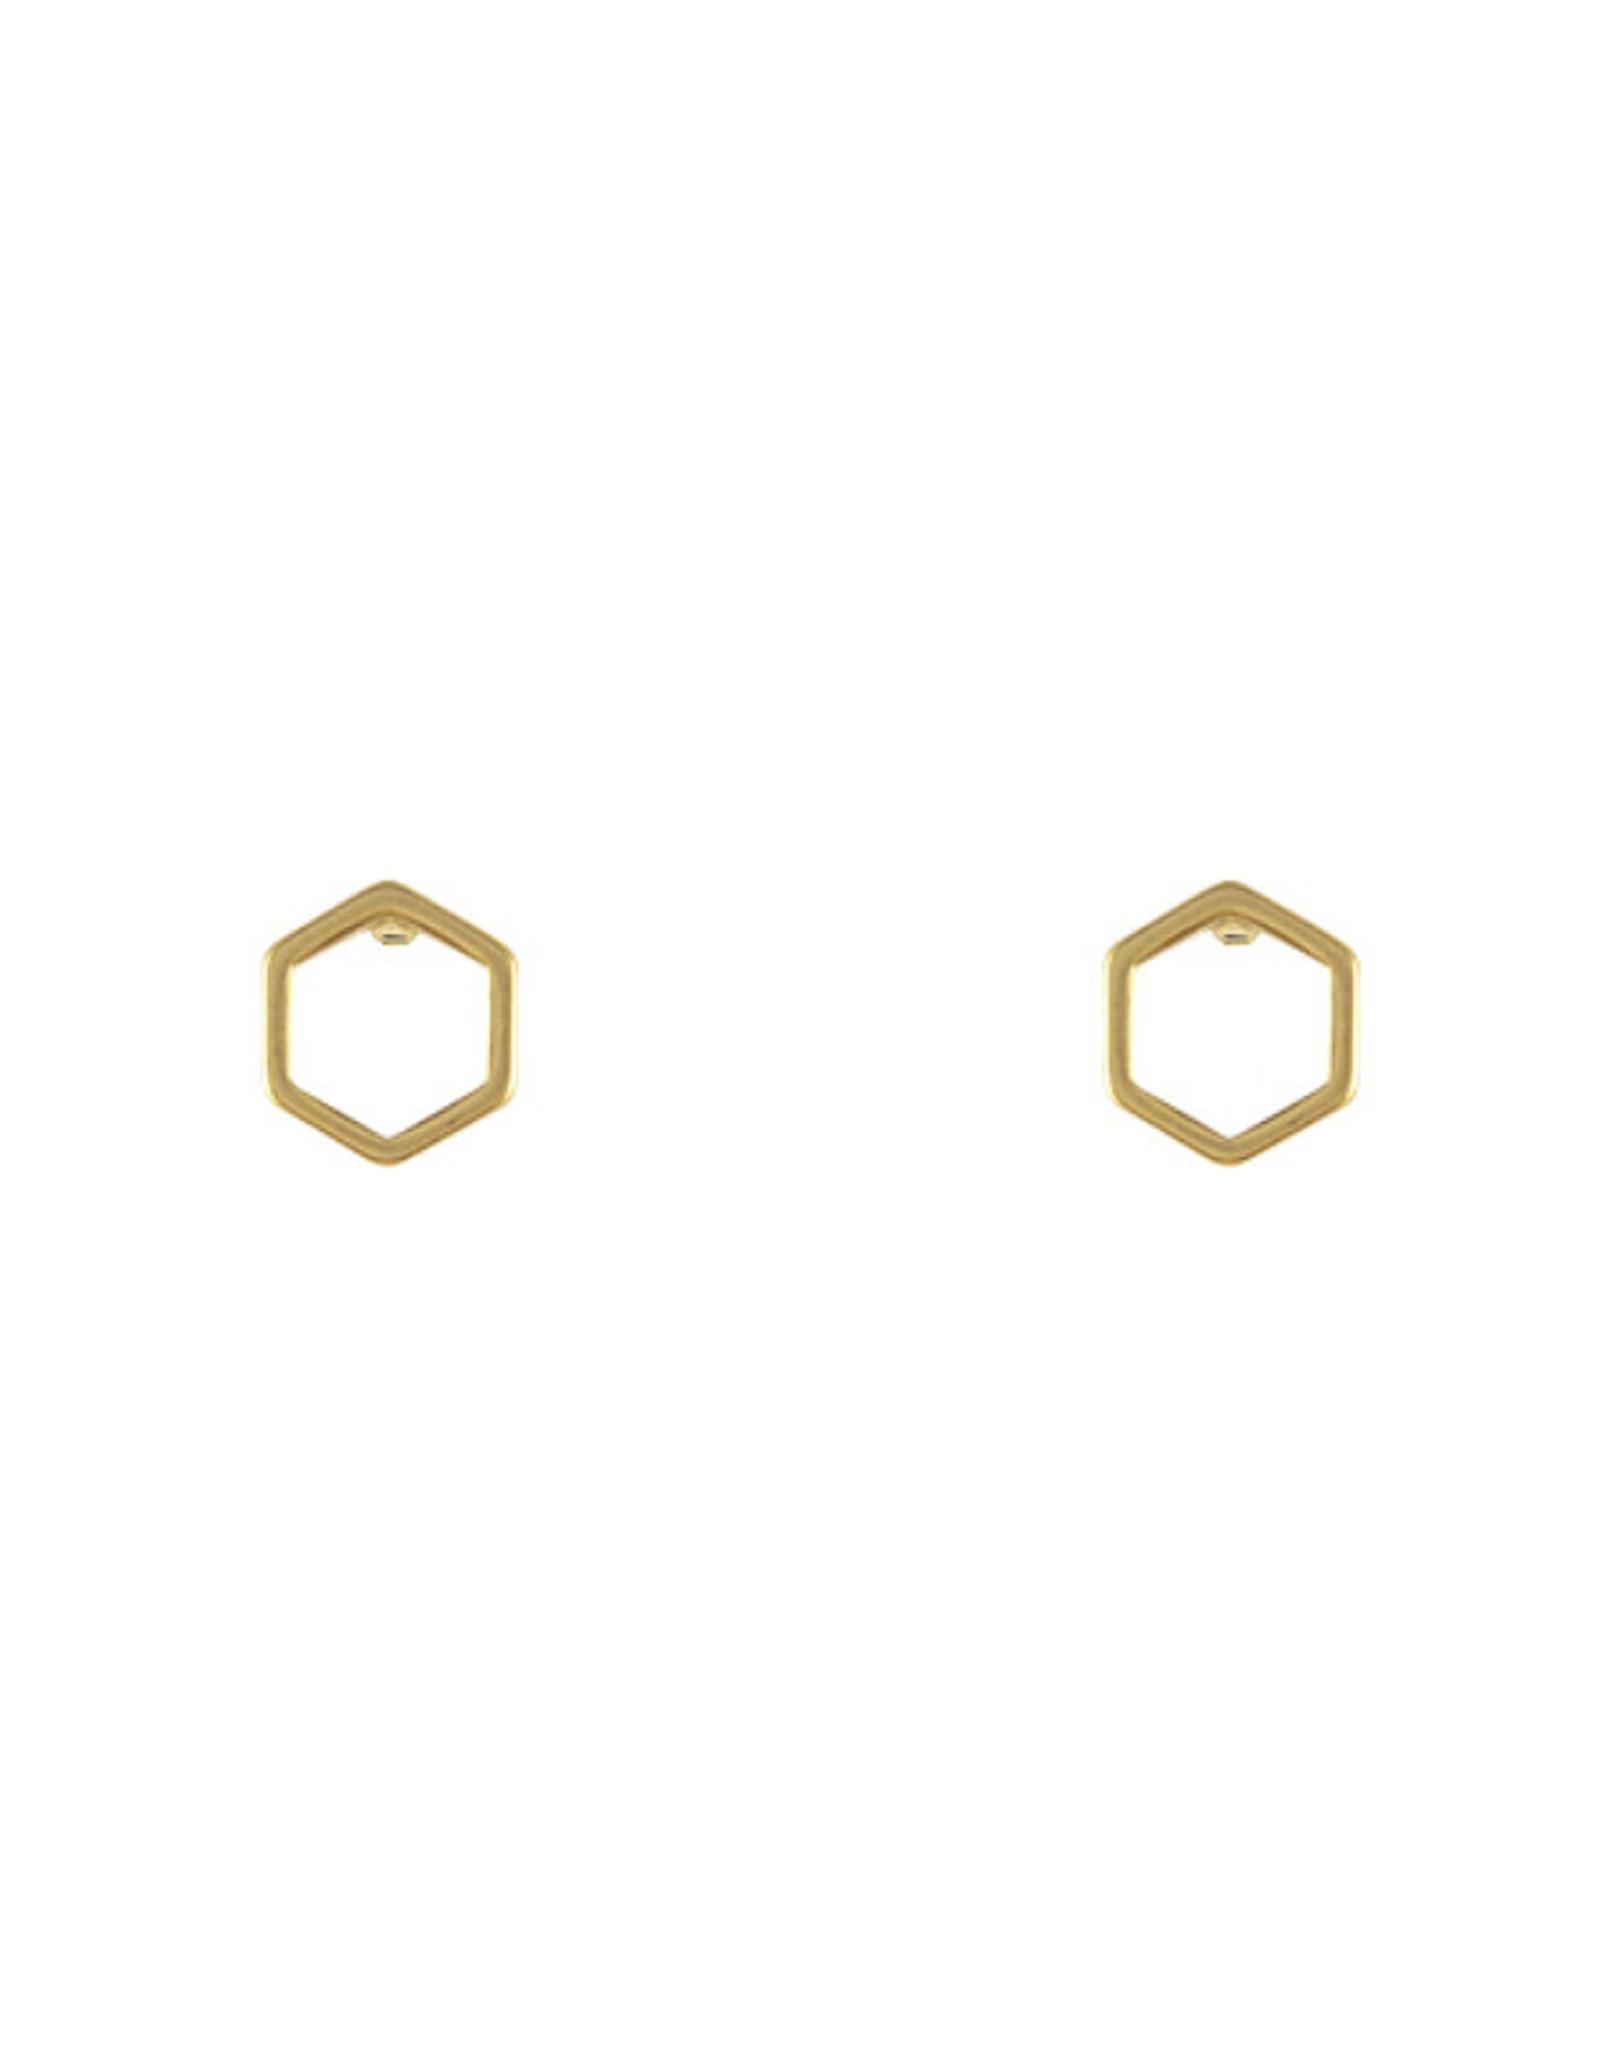 Lost & Faune Boucles d'oreilles - Hexagones vides